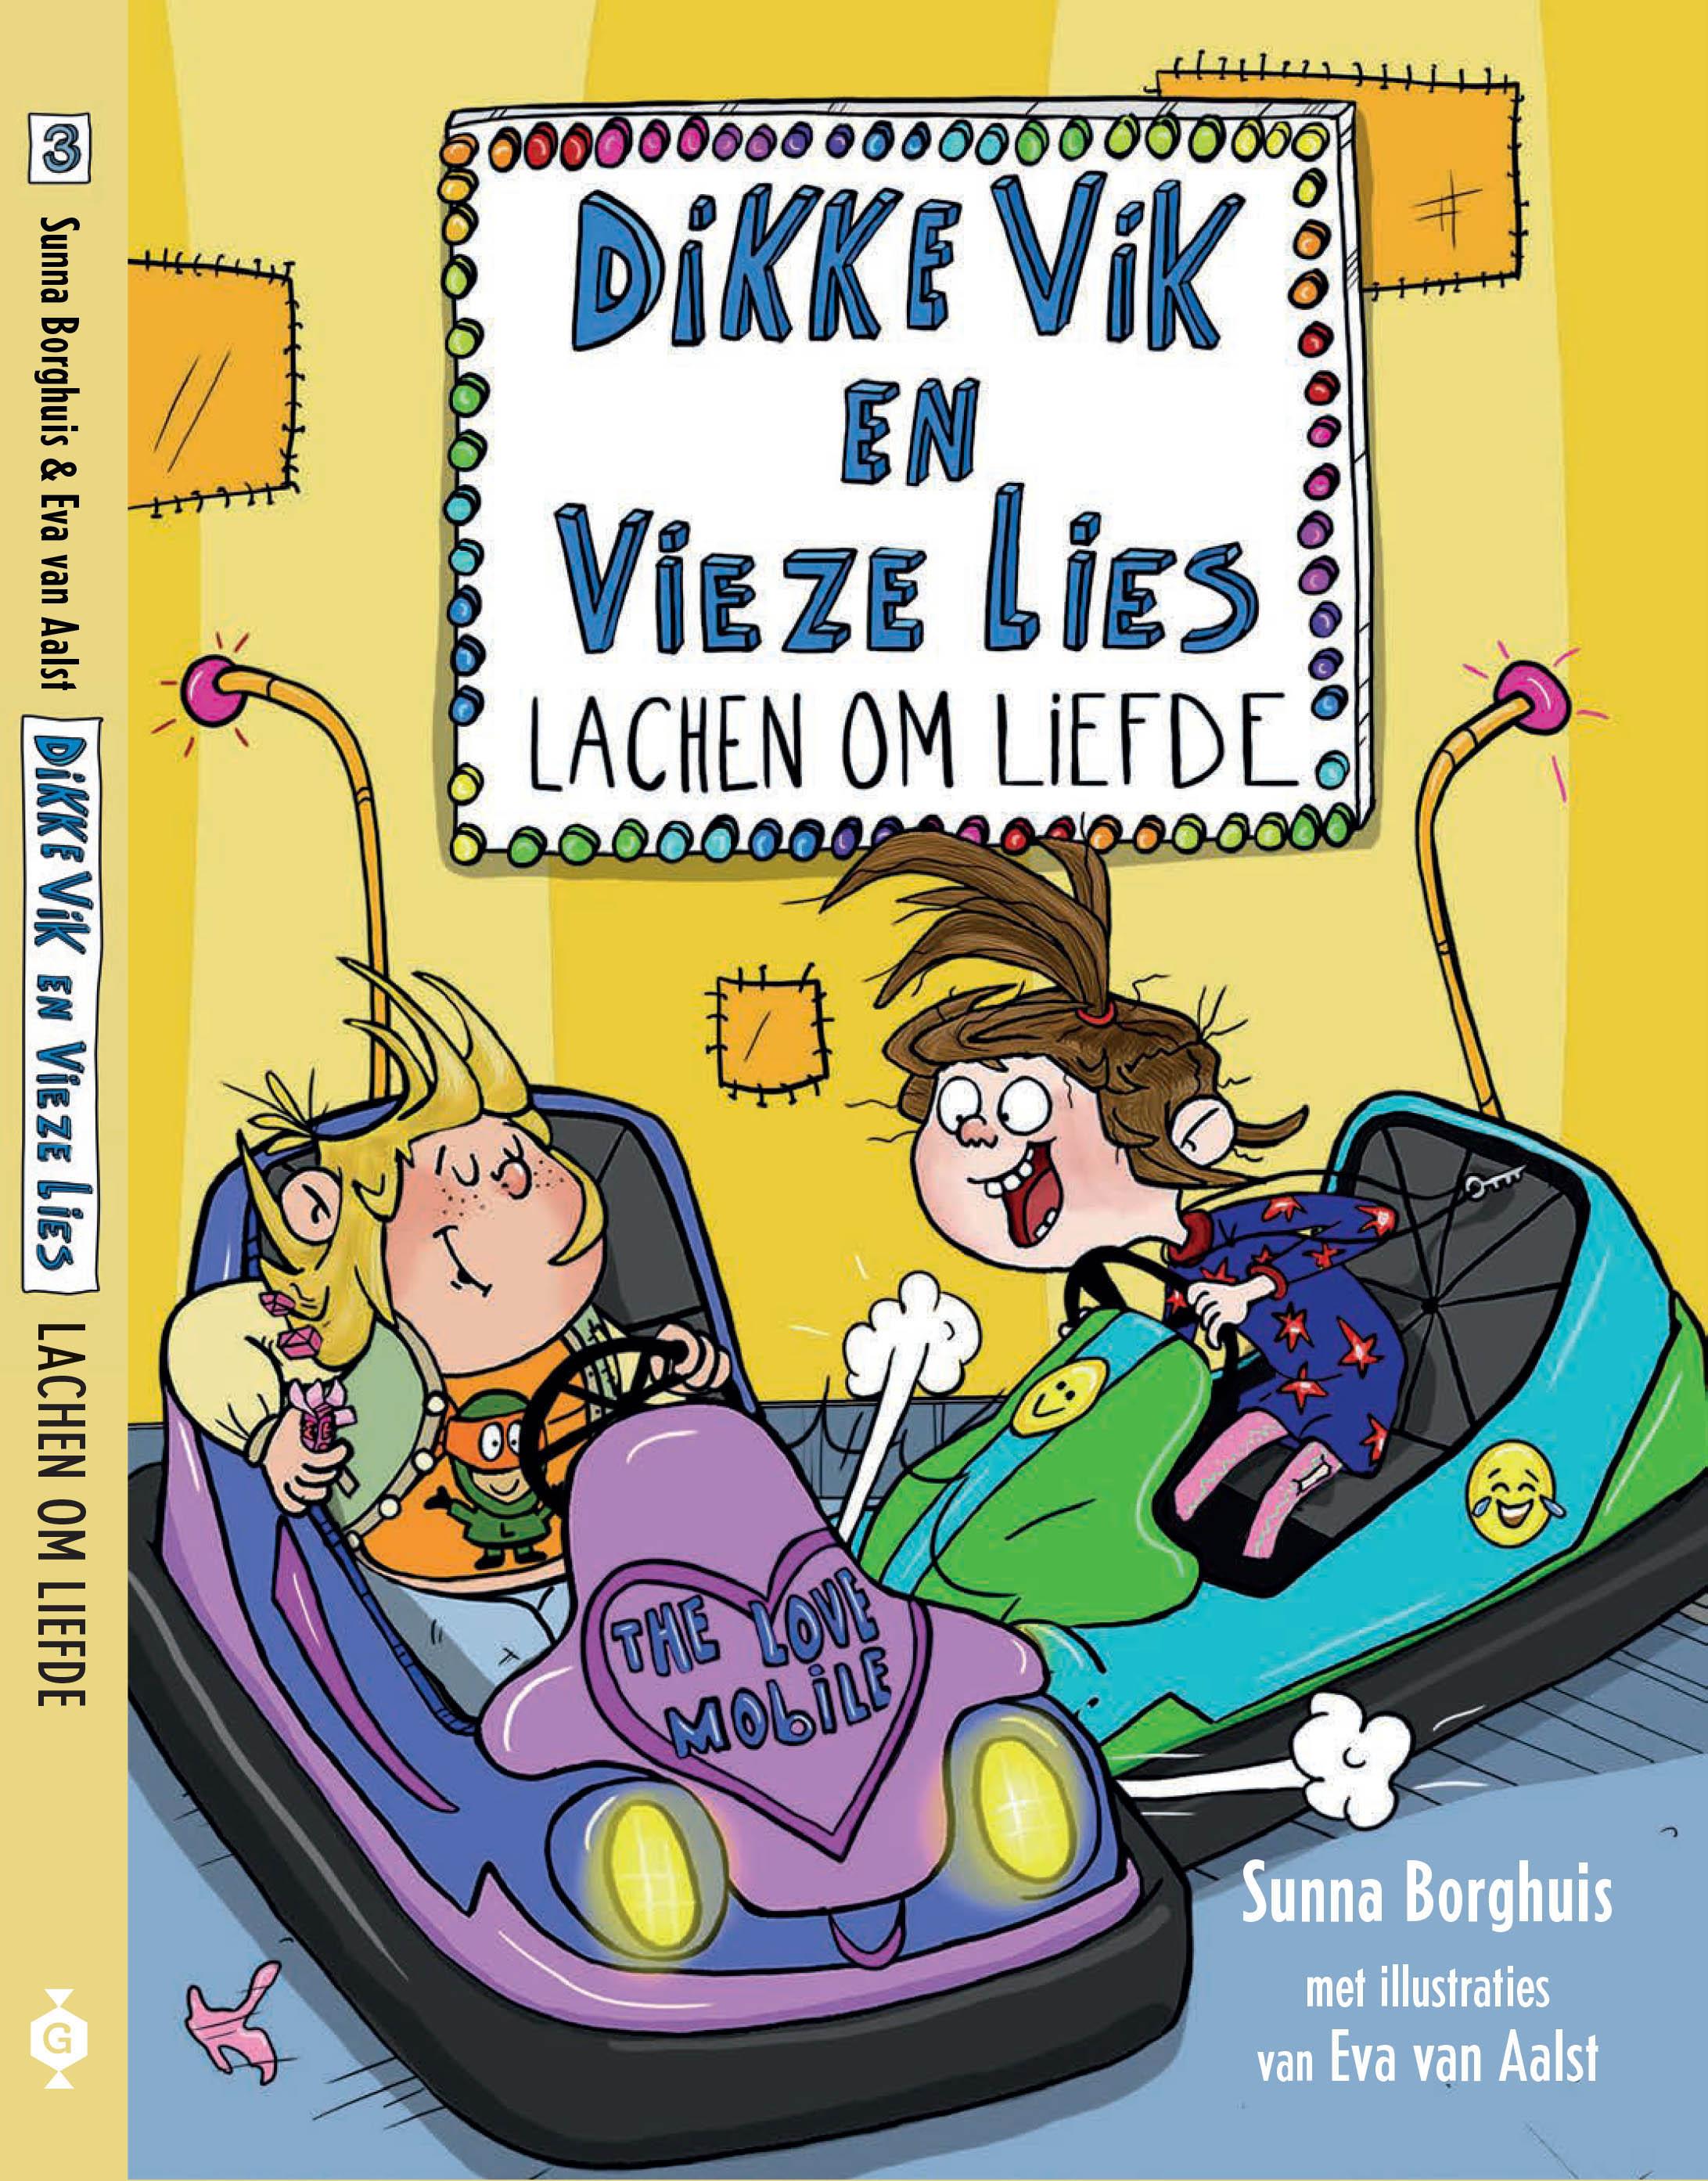 Dikke Vik en vieze Lies III - Geschreven door Sunna BorghuisUitgegeven door Gottmerfebruari 2019